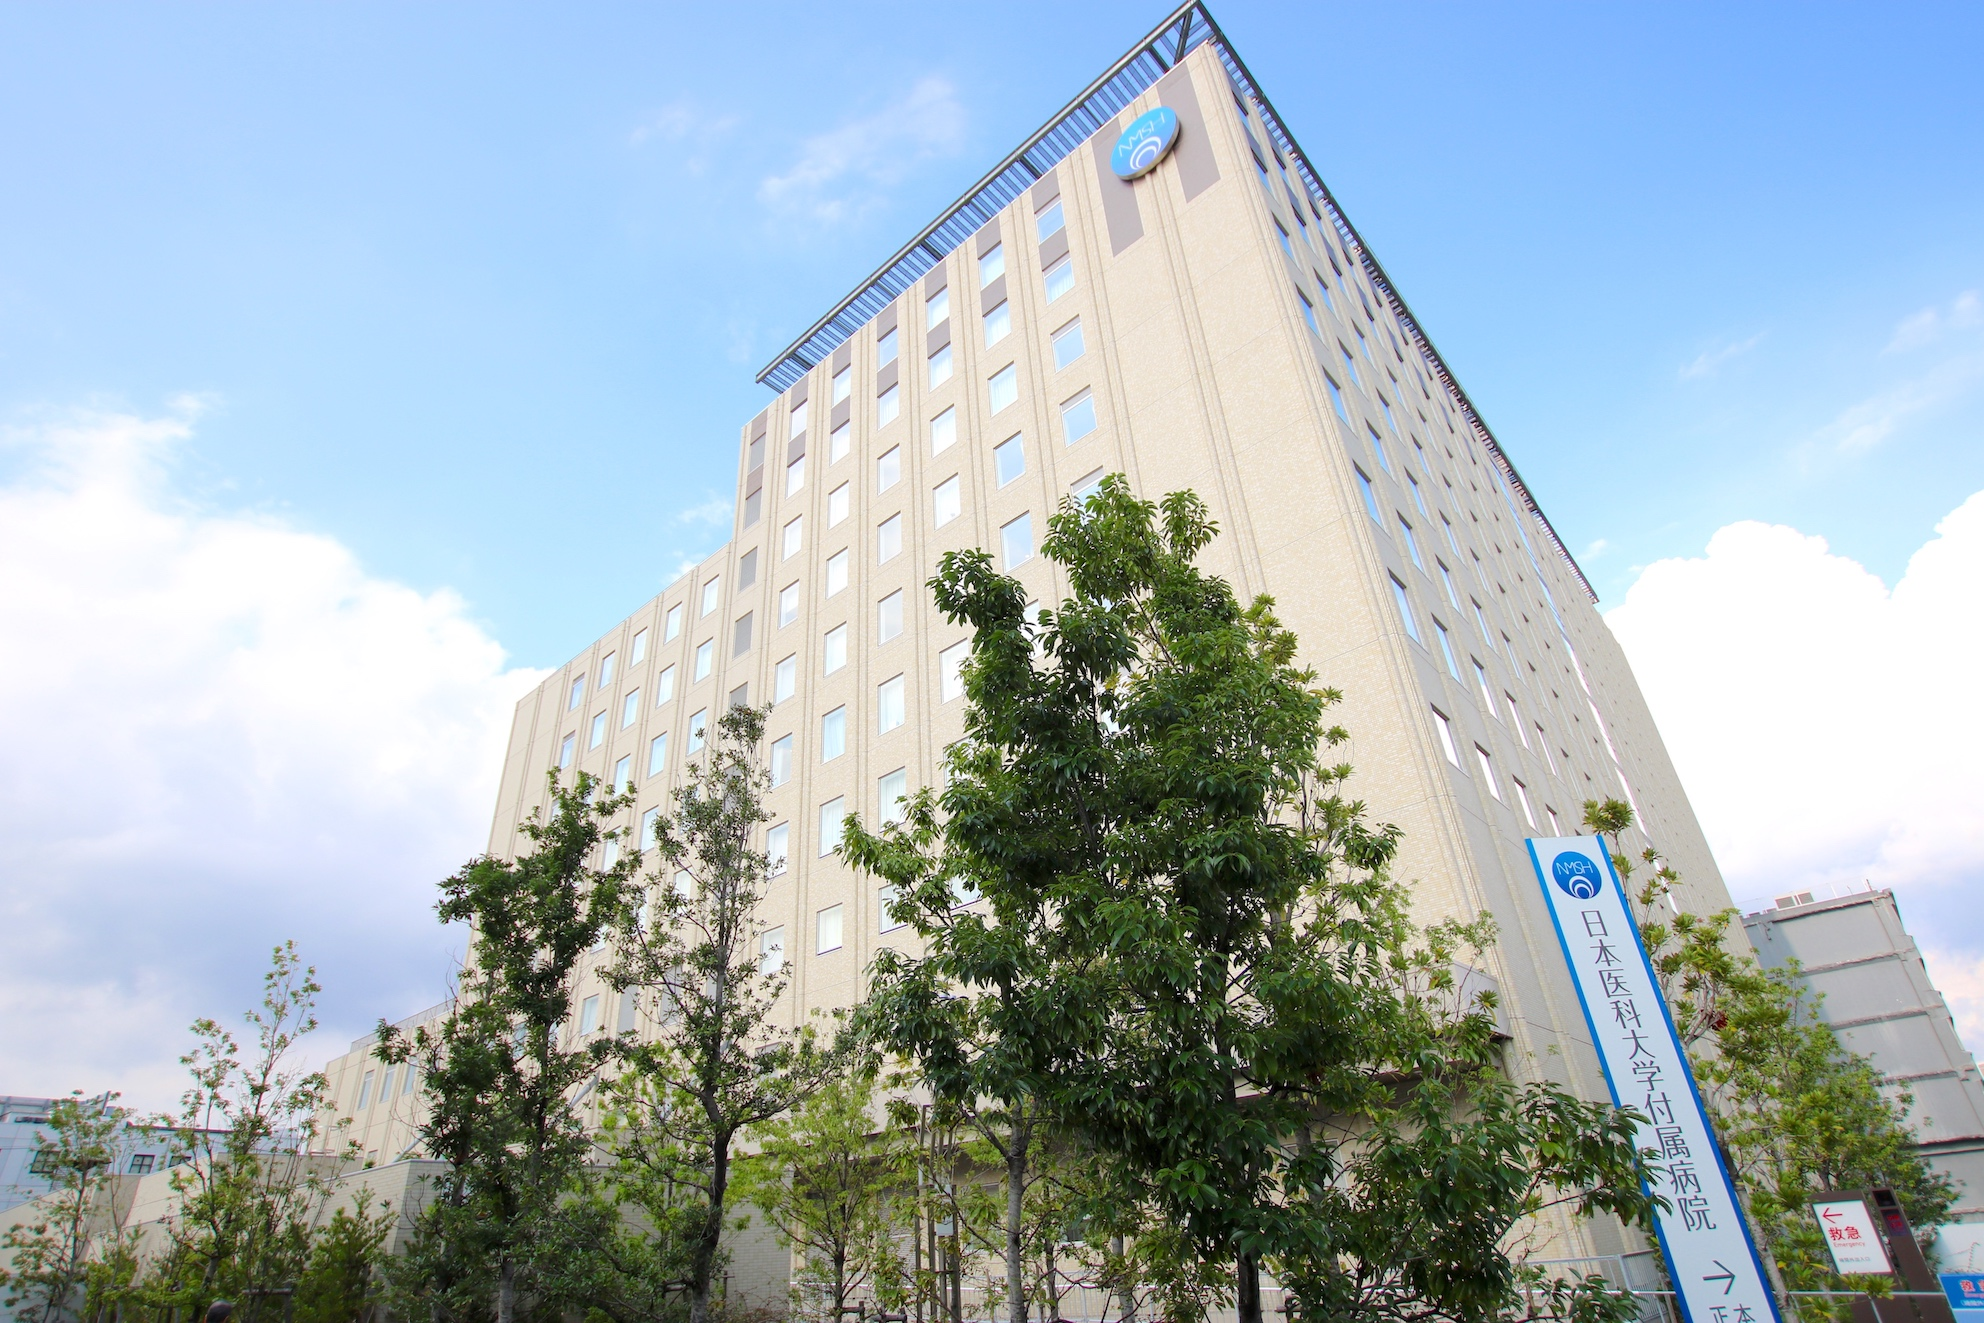 日本医科大学付属病院でナースステーションのお掃除をする仕事